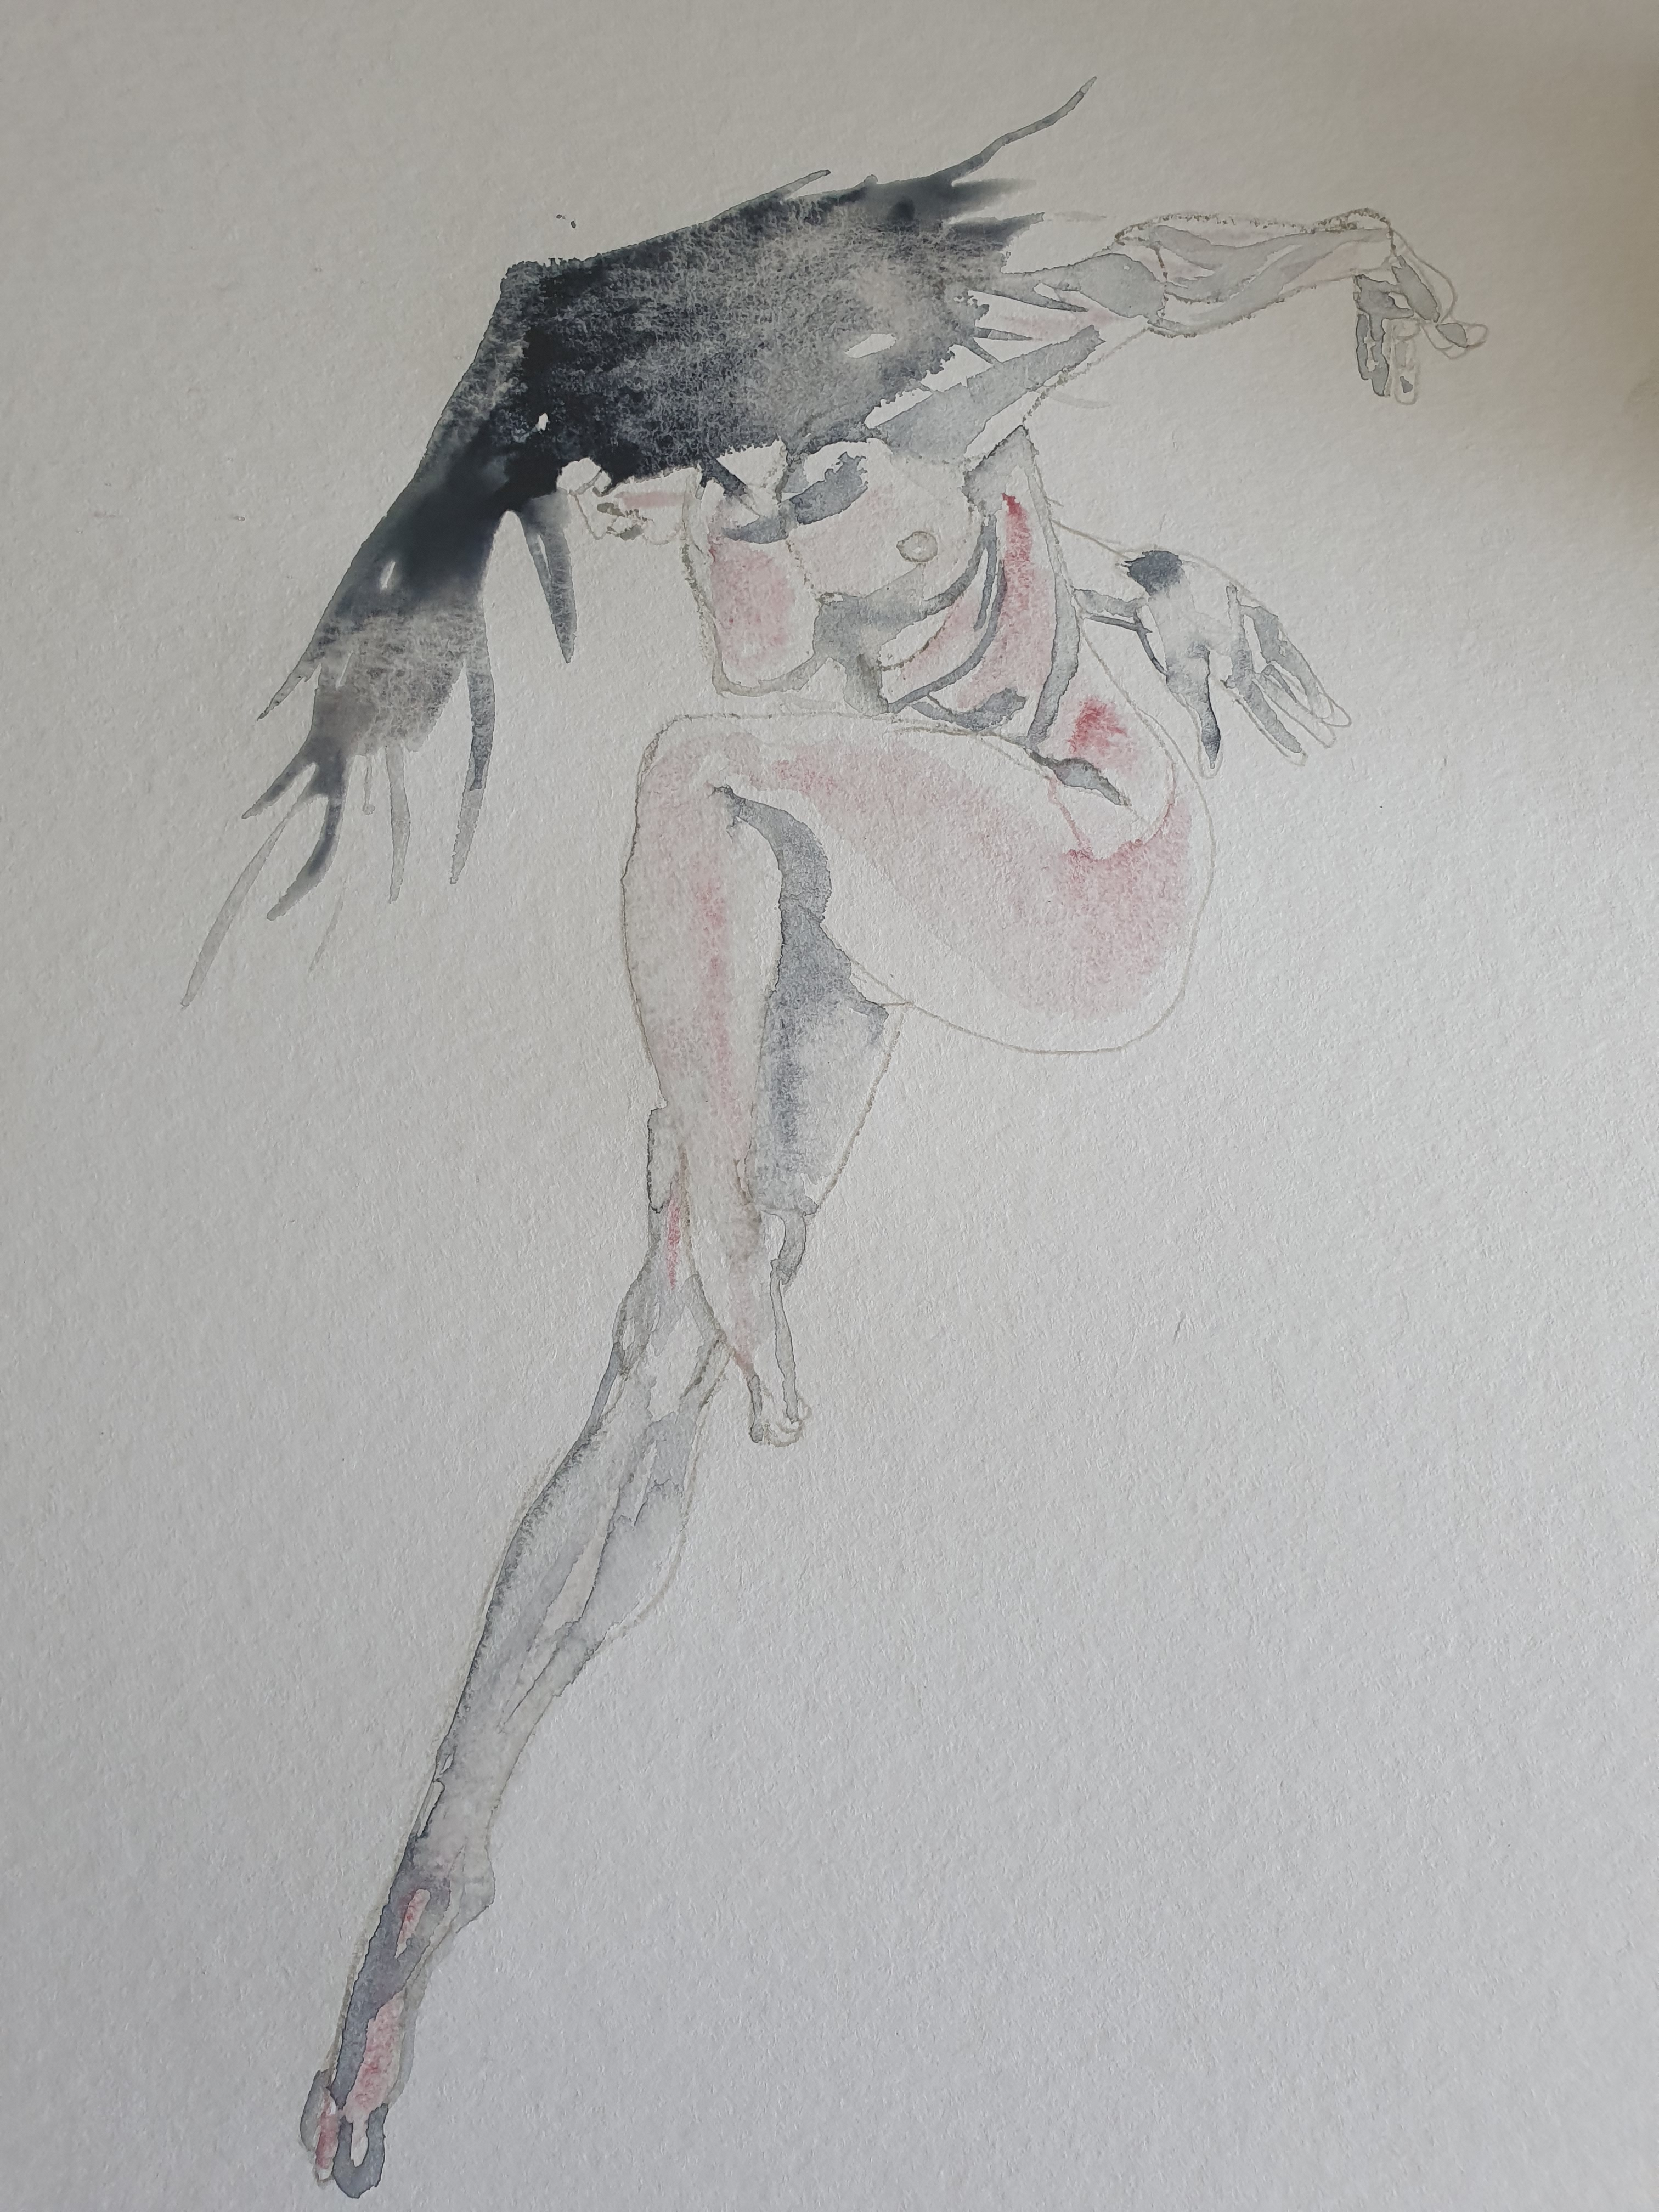 Dessin aquarelle et crayon de papier corps en extension technique polychrome bleue et rouge  cours de dessin